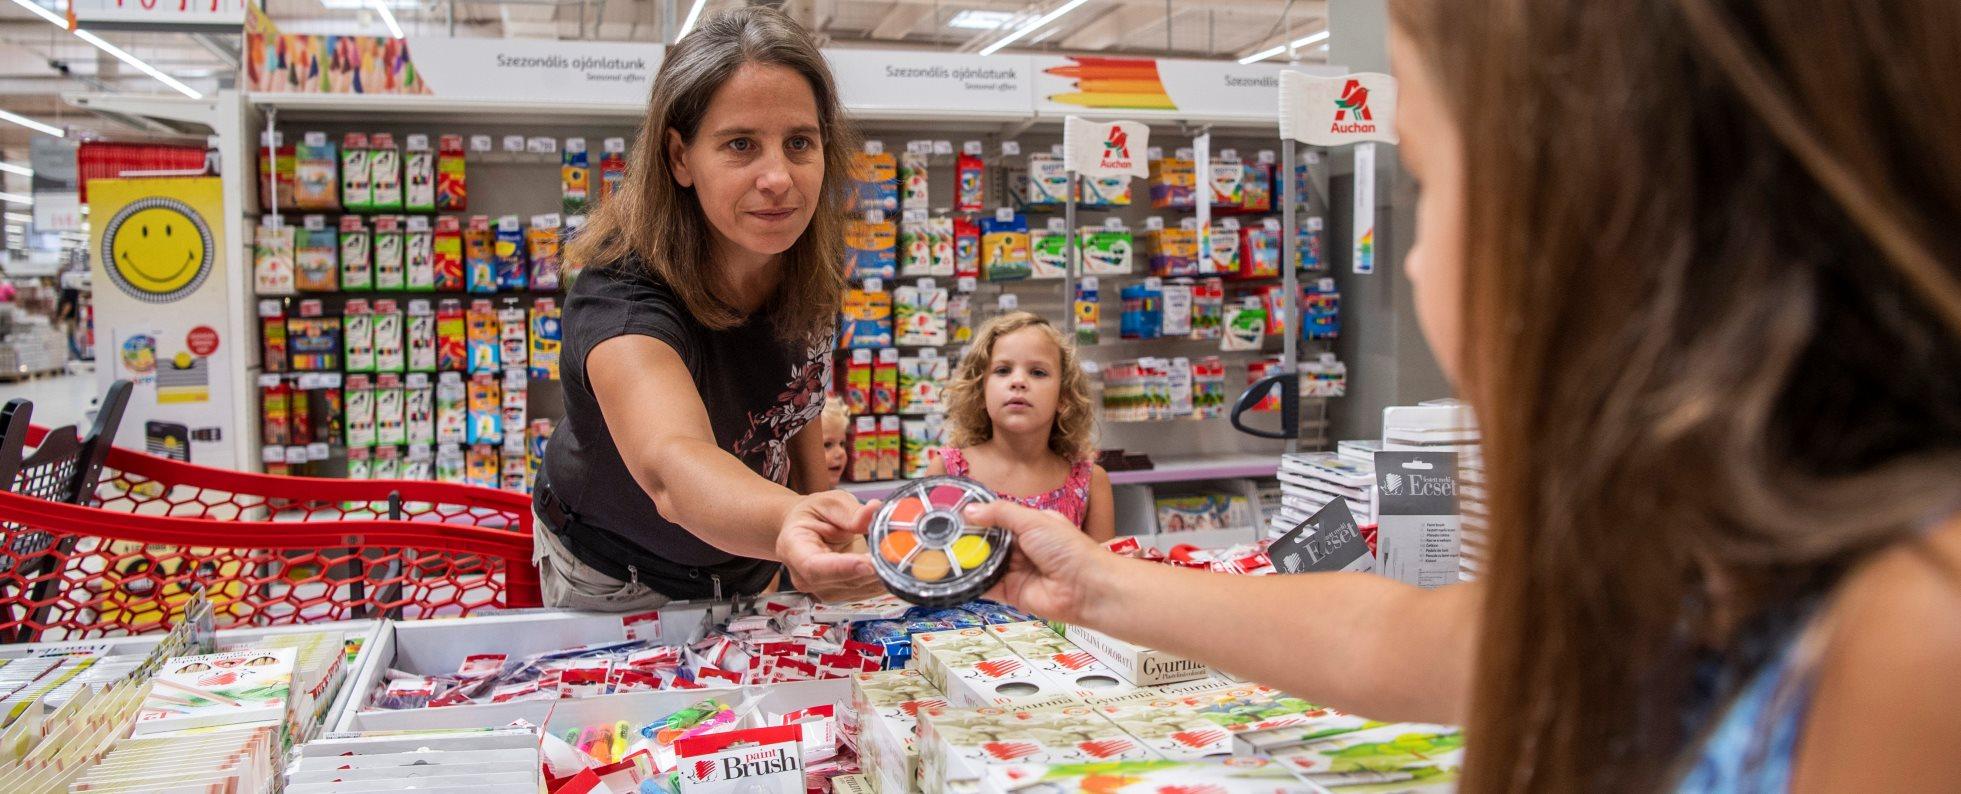 A Vásárolj eggyel több iskolaszert! című akció sajtótájékoztatója